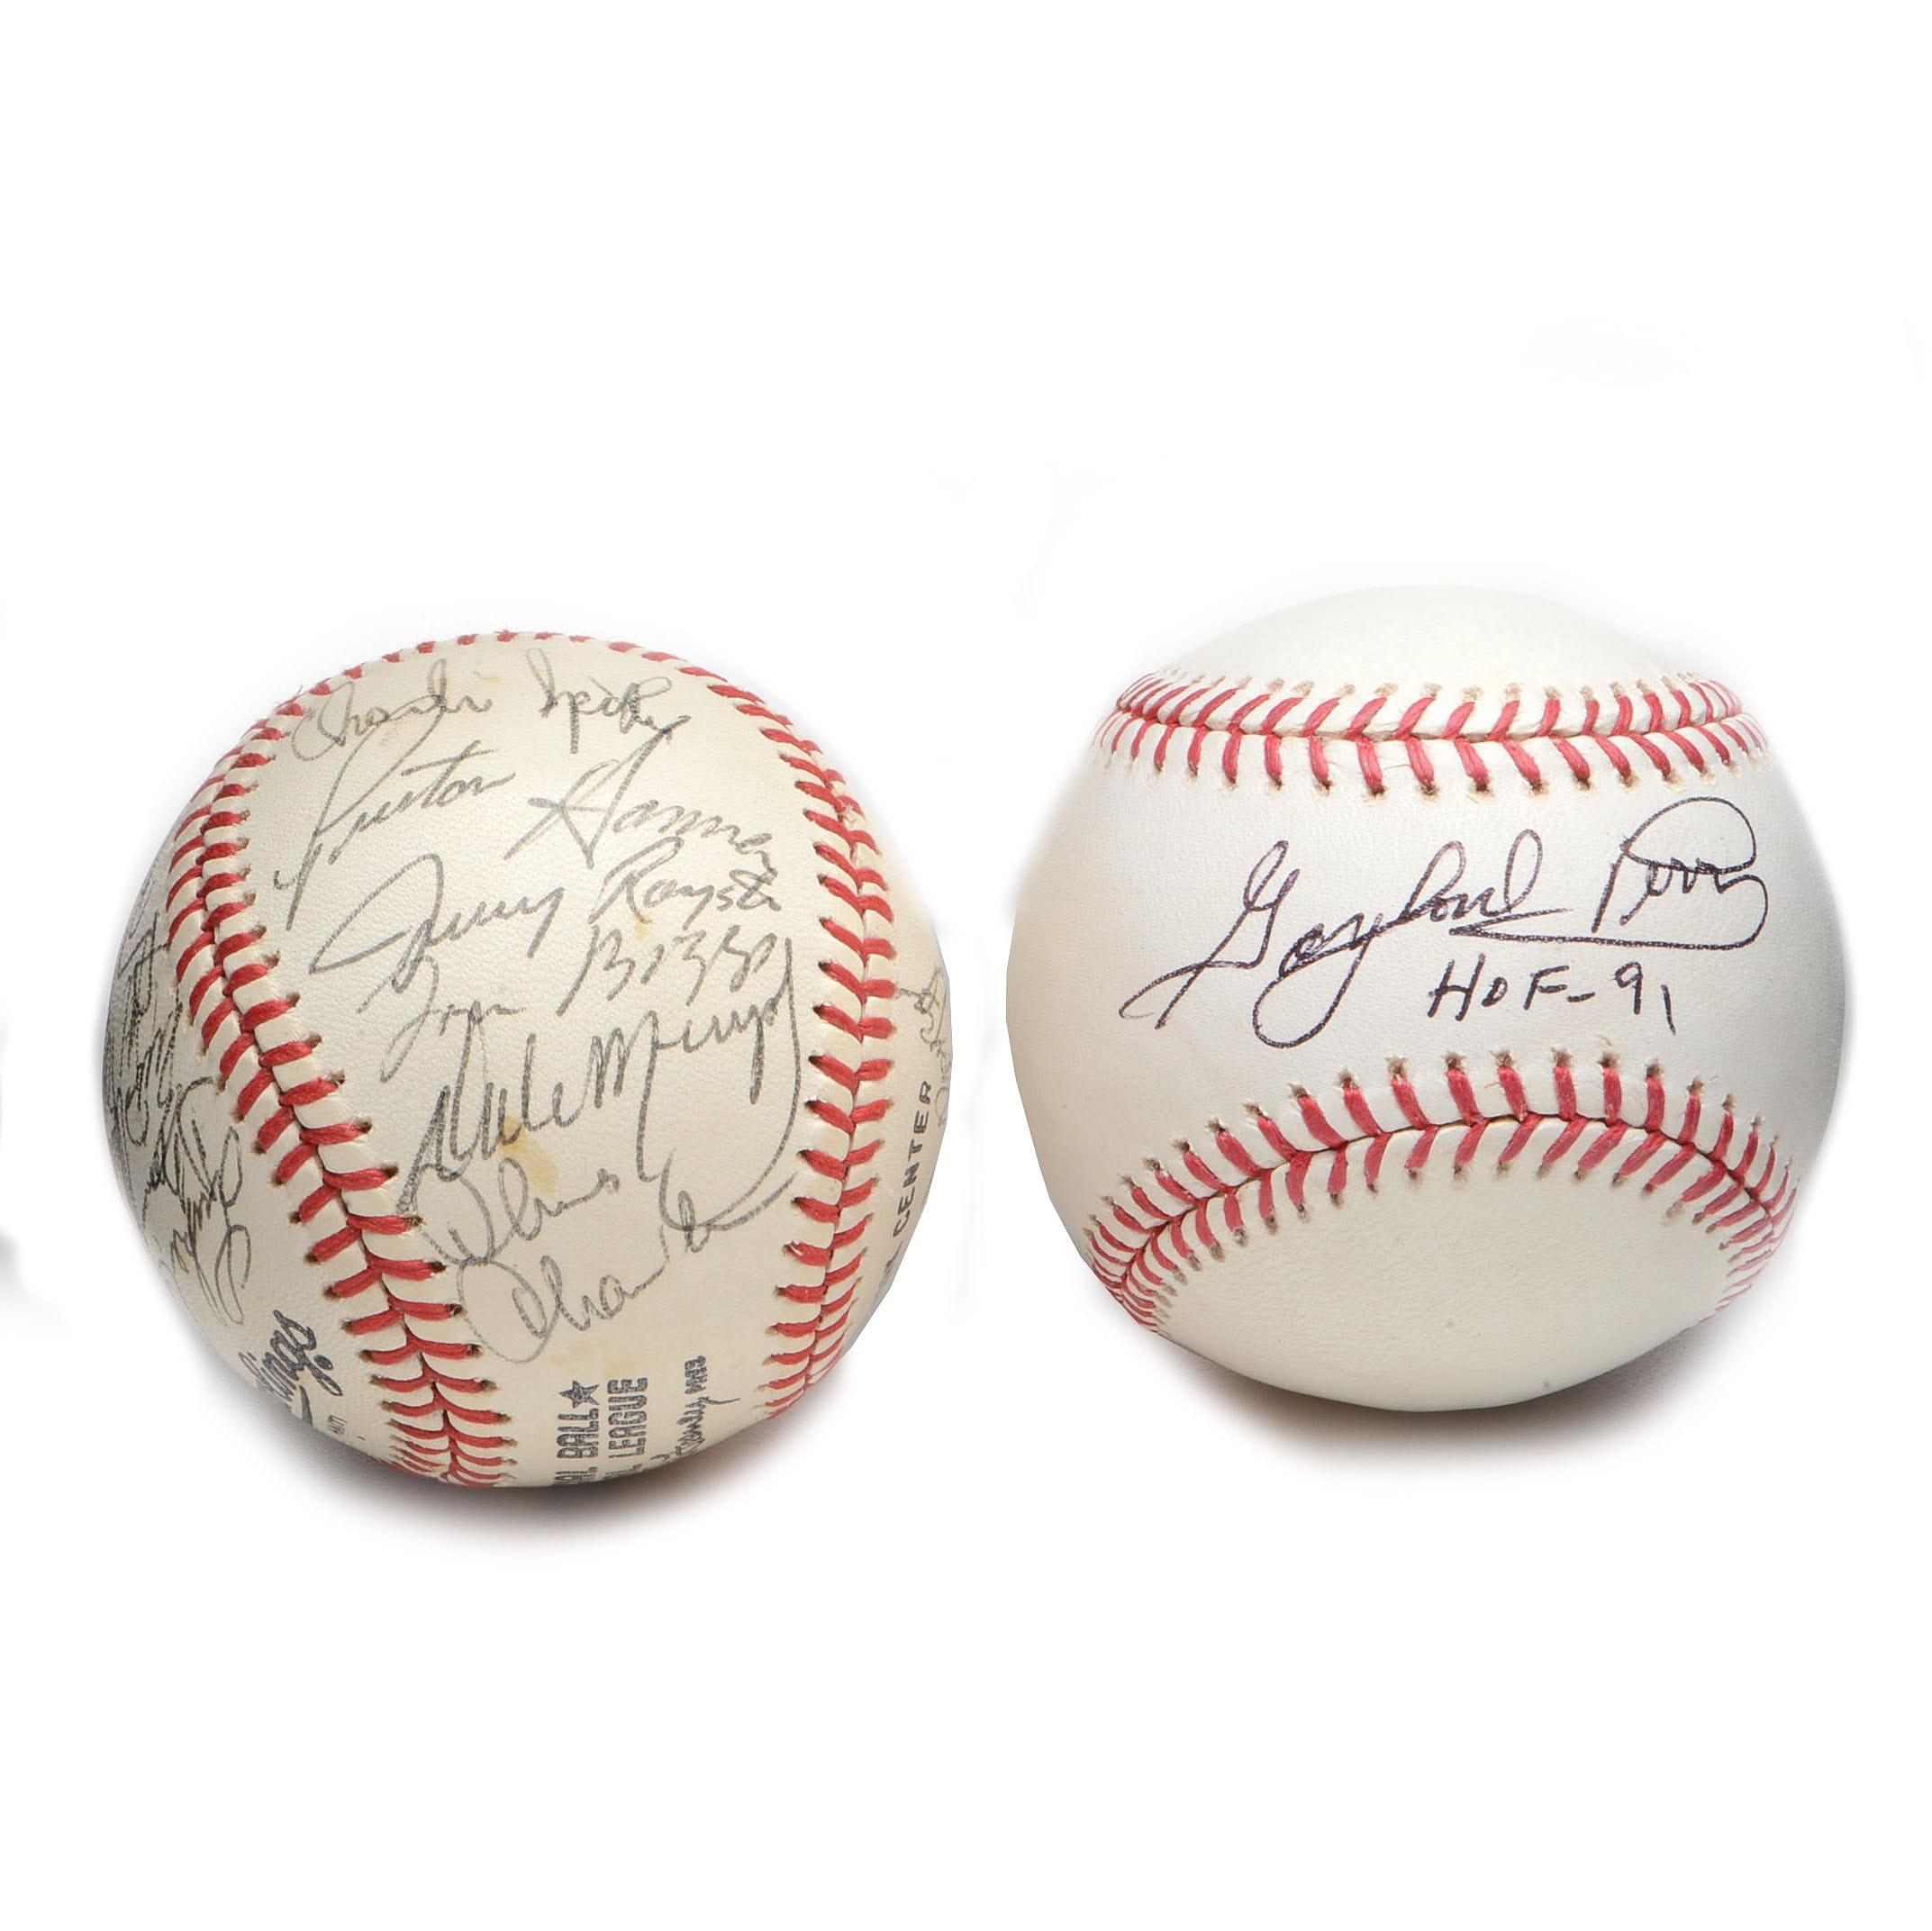 1980 Atlanta and Gaylord Perry Signed Baseballs